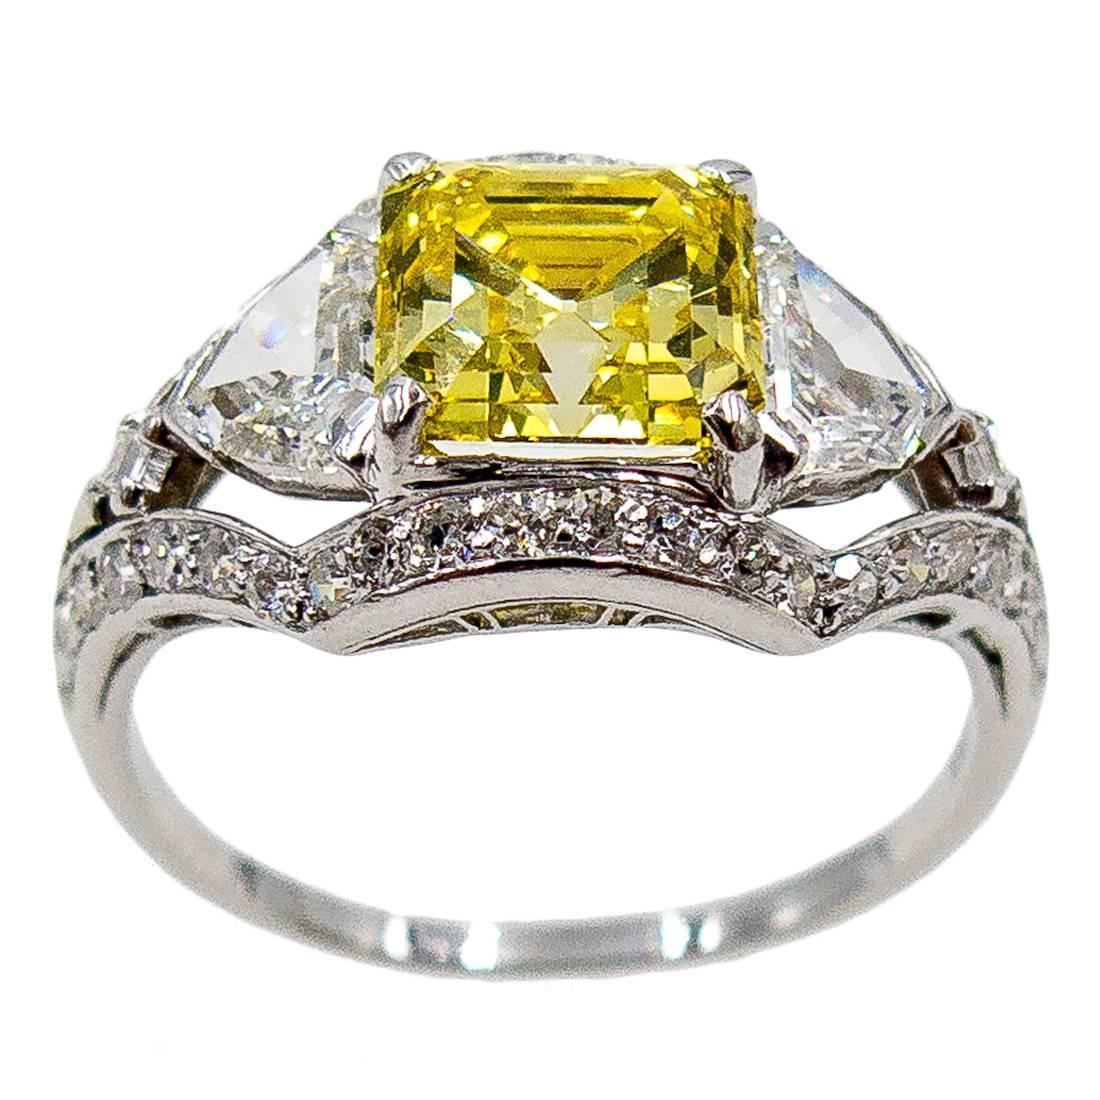 GIA Cert Yellow Asscher Cut Diamond Platinum Ring